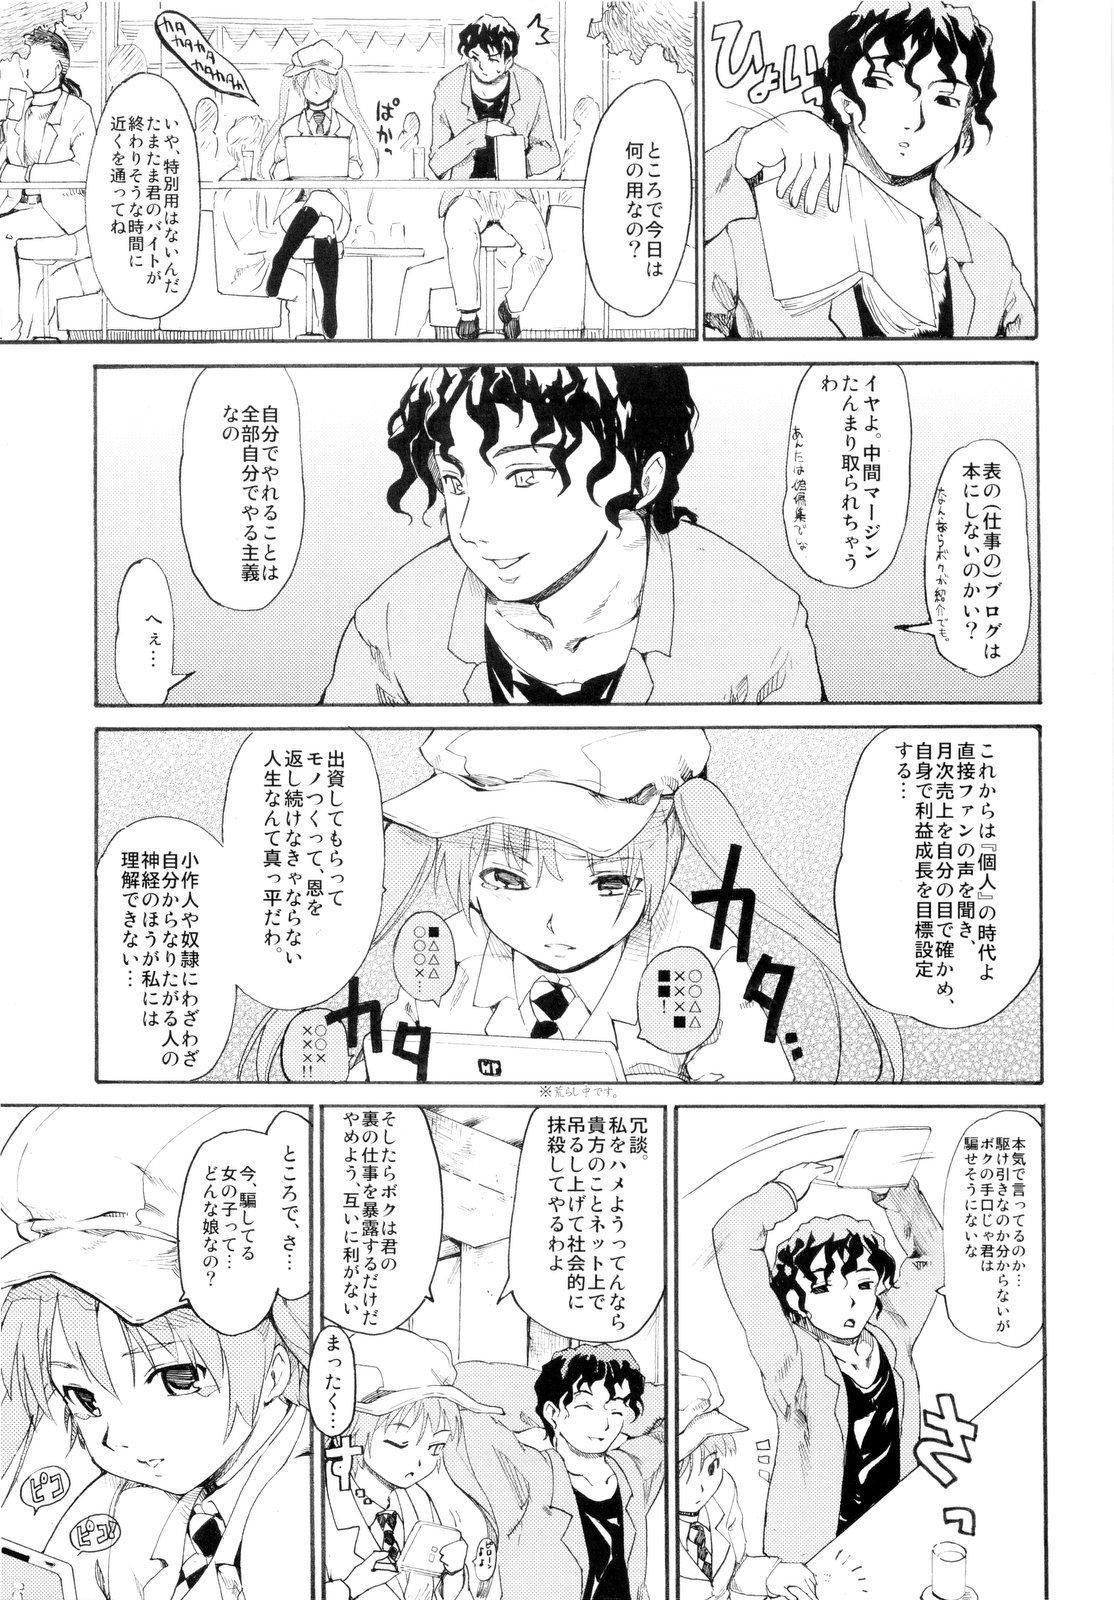 (ComiComi13) [Paranoia Cat (Fujiwara Shunichi)] Akogare no Hito -Himitsu no Isshuukan- #3 20